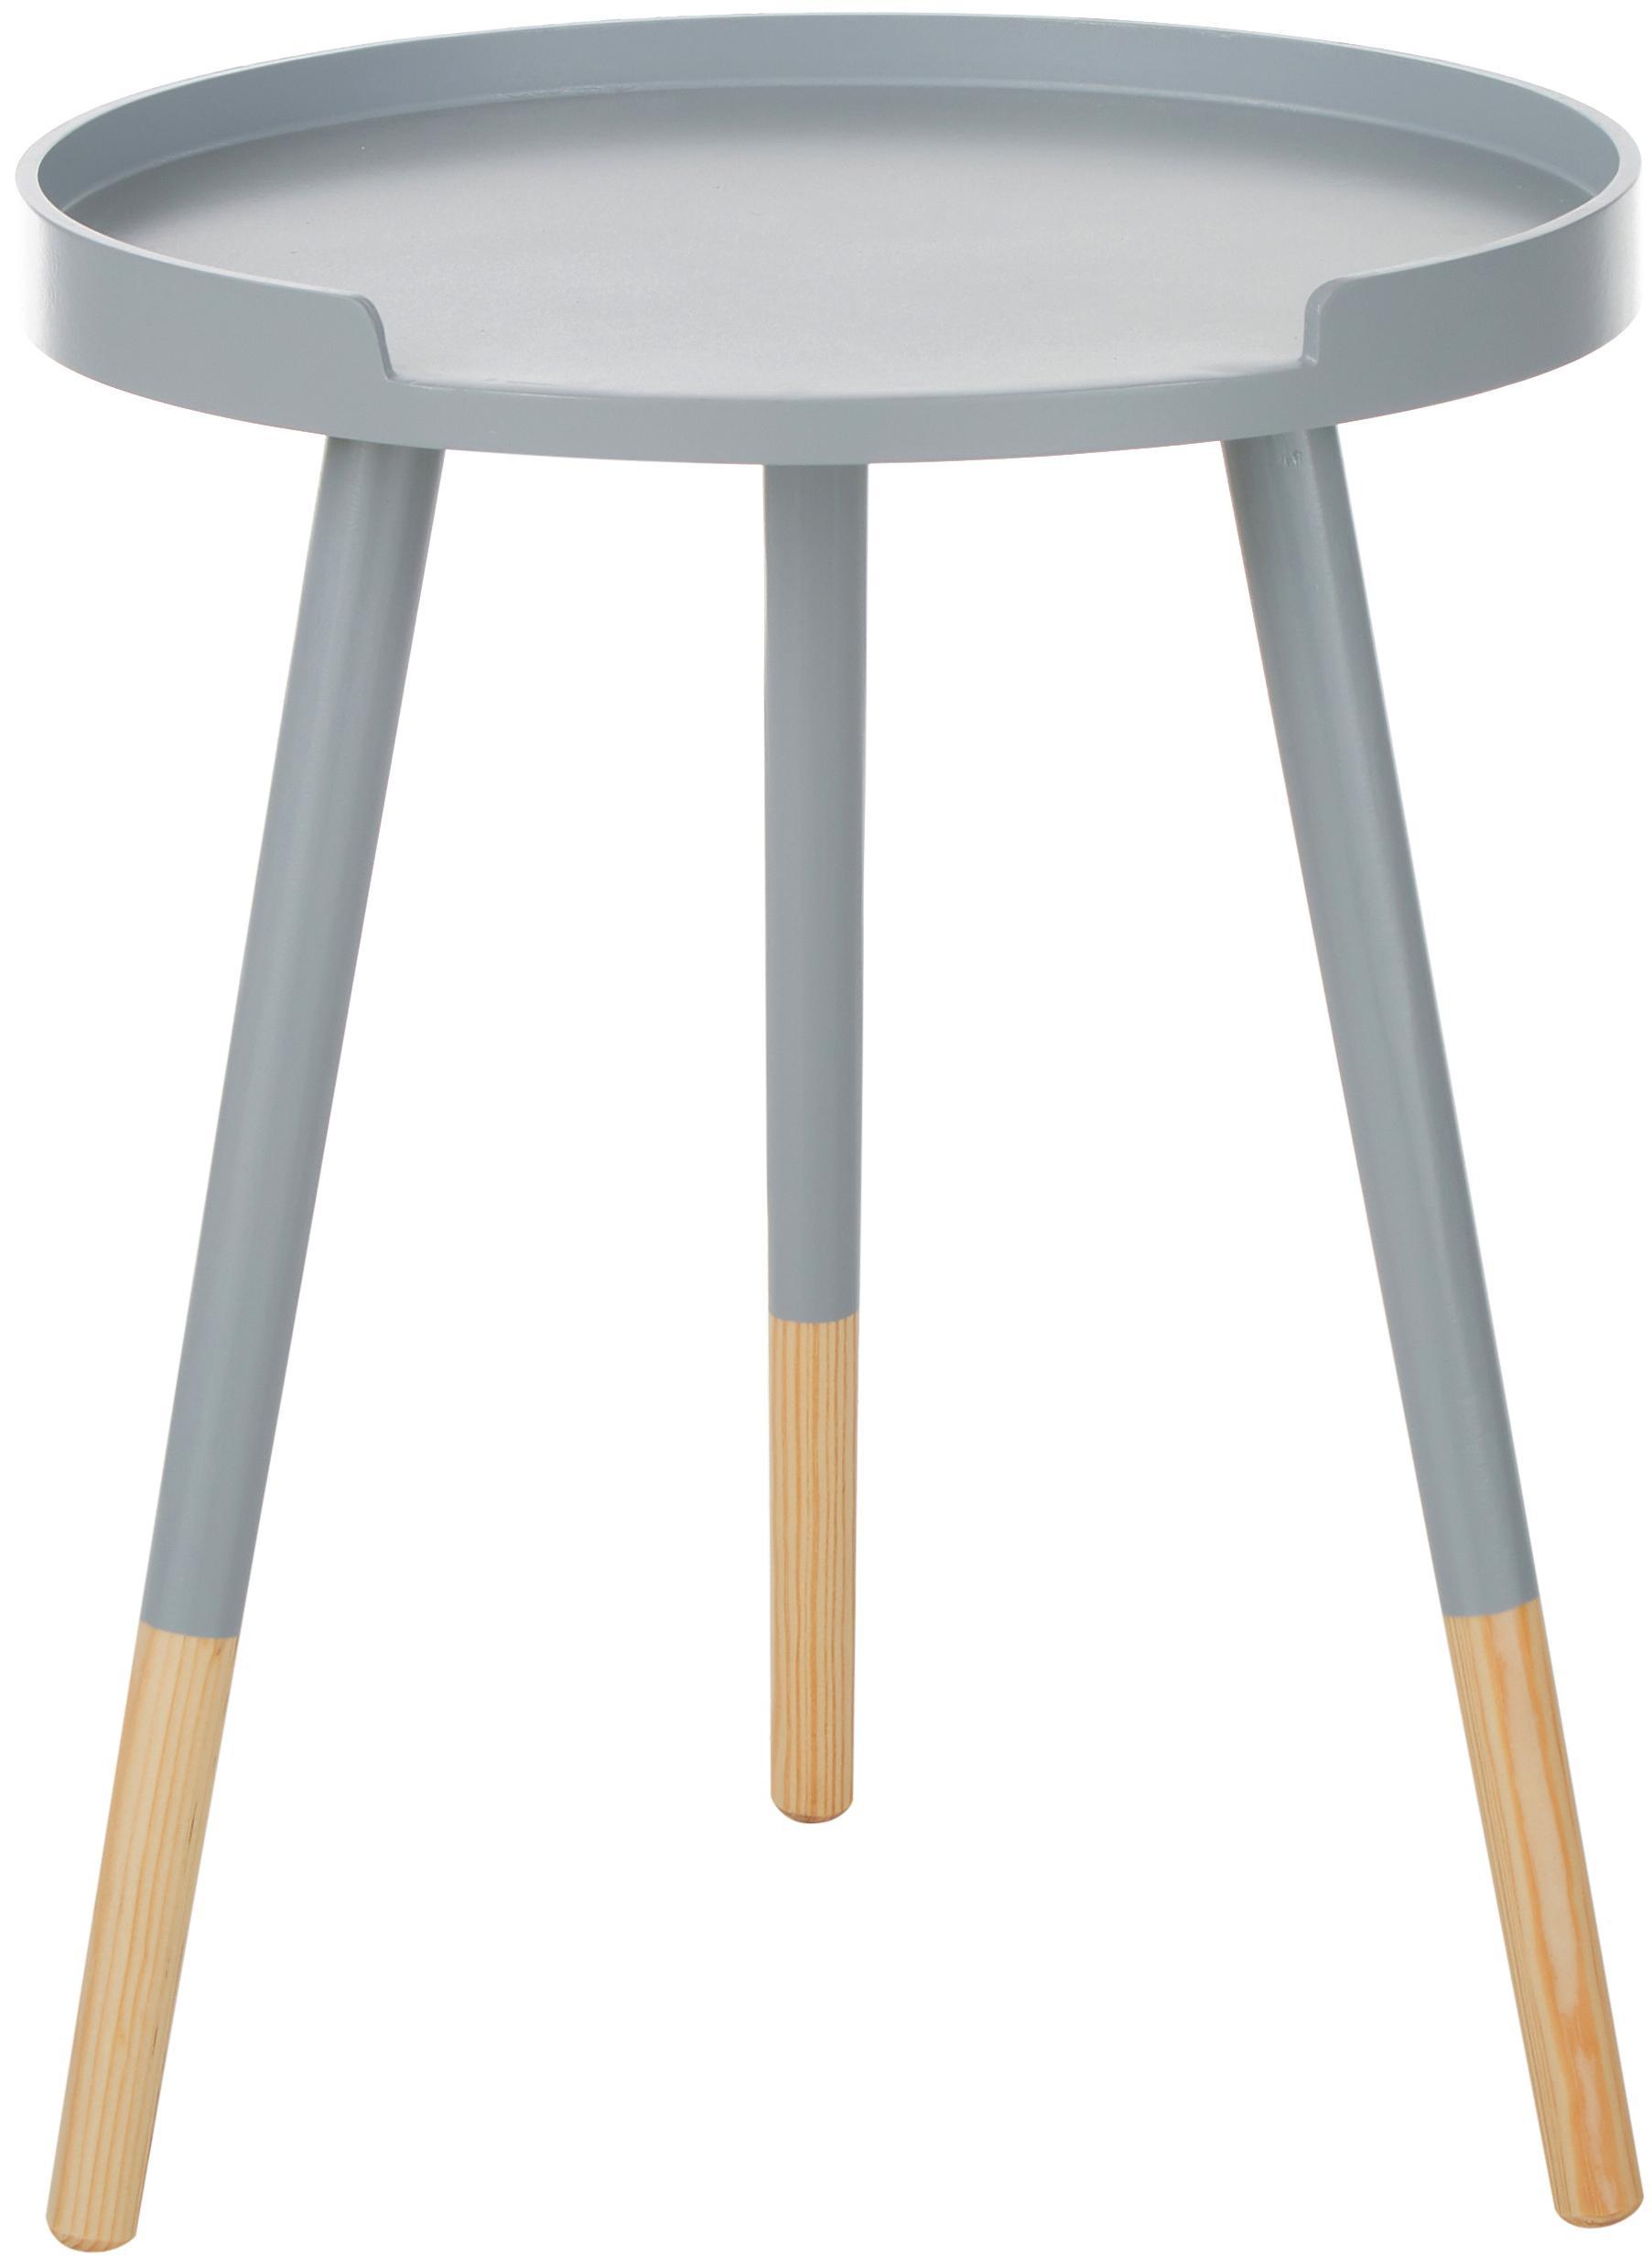 Runder Beistelltisch Ralph, Grau, Beige, Ø 40 x H 49 cm